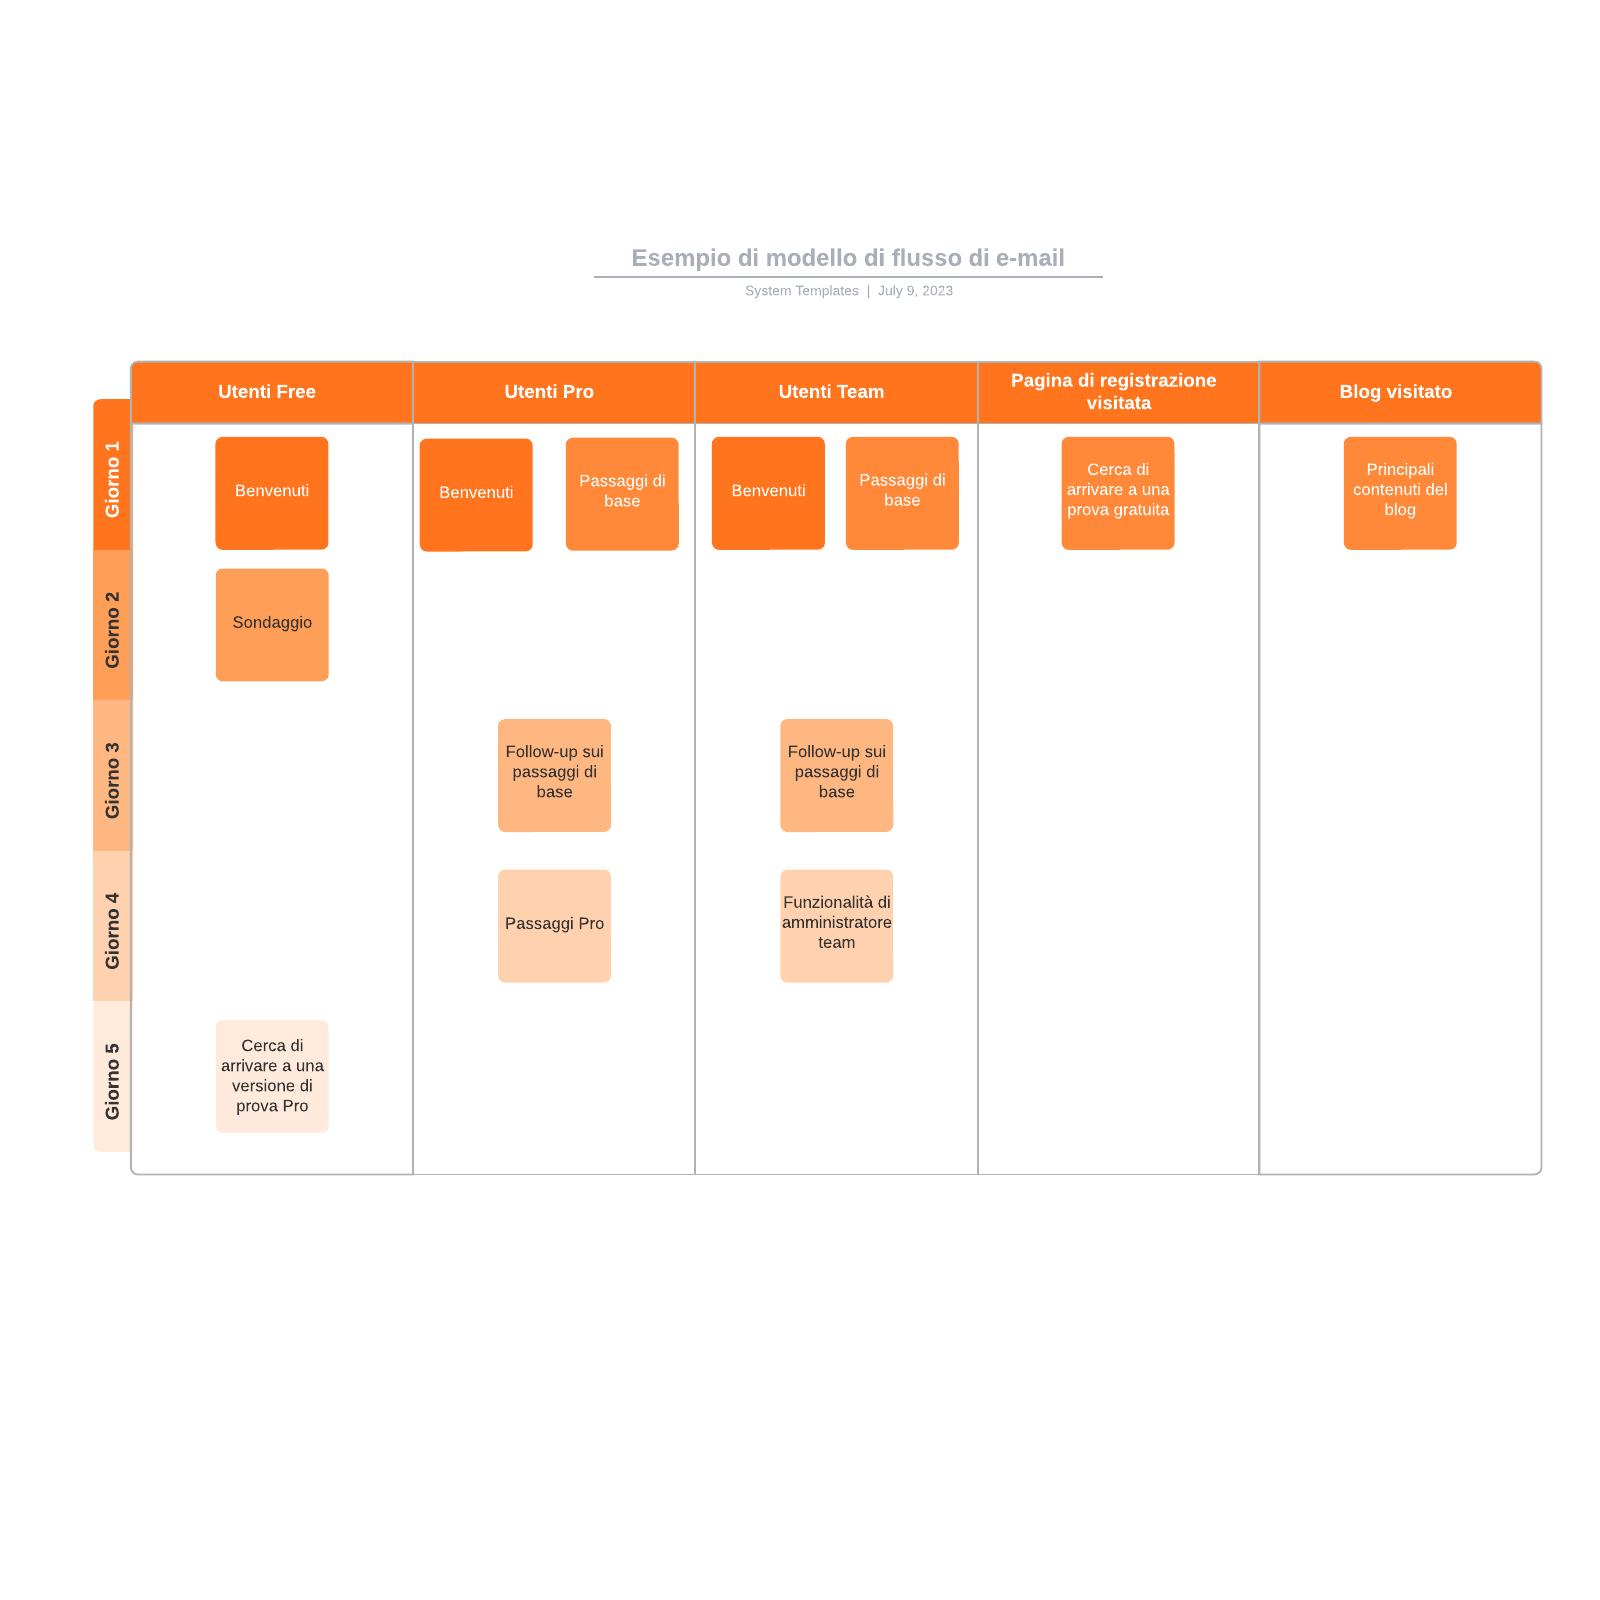 Esempio di modello di flusso di e-mail